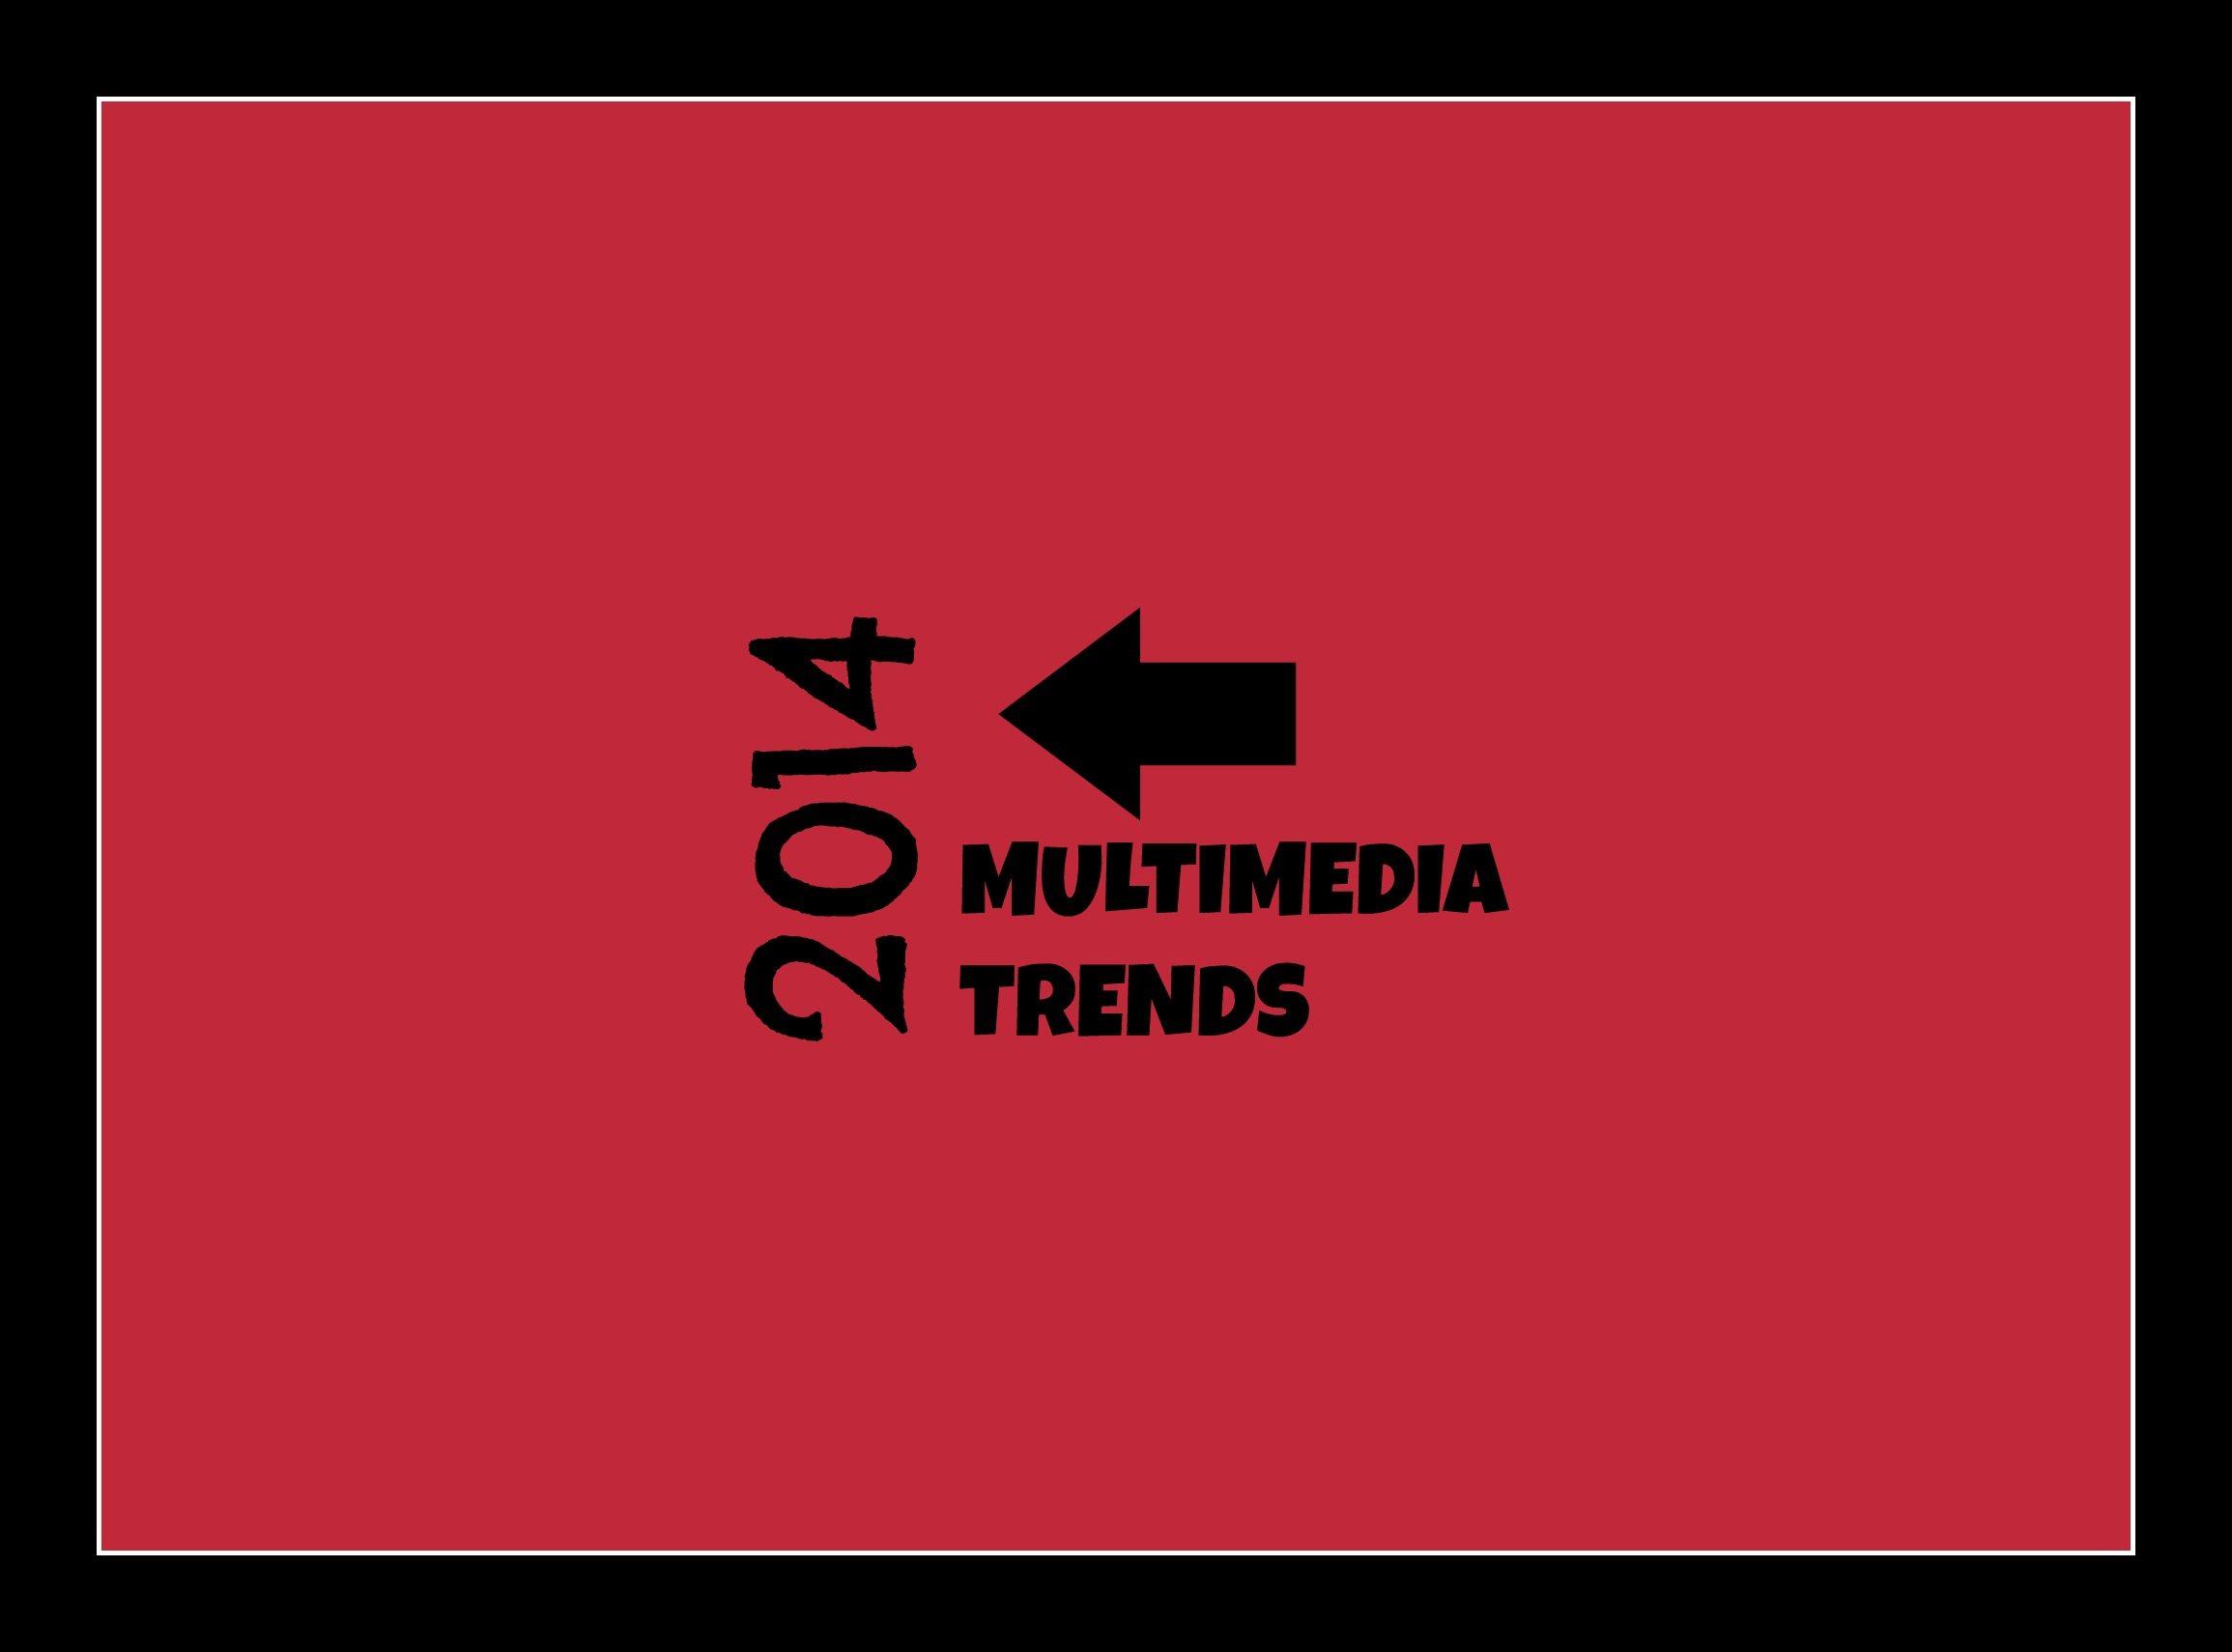 Multimedia2014